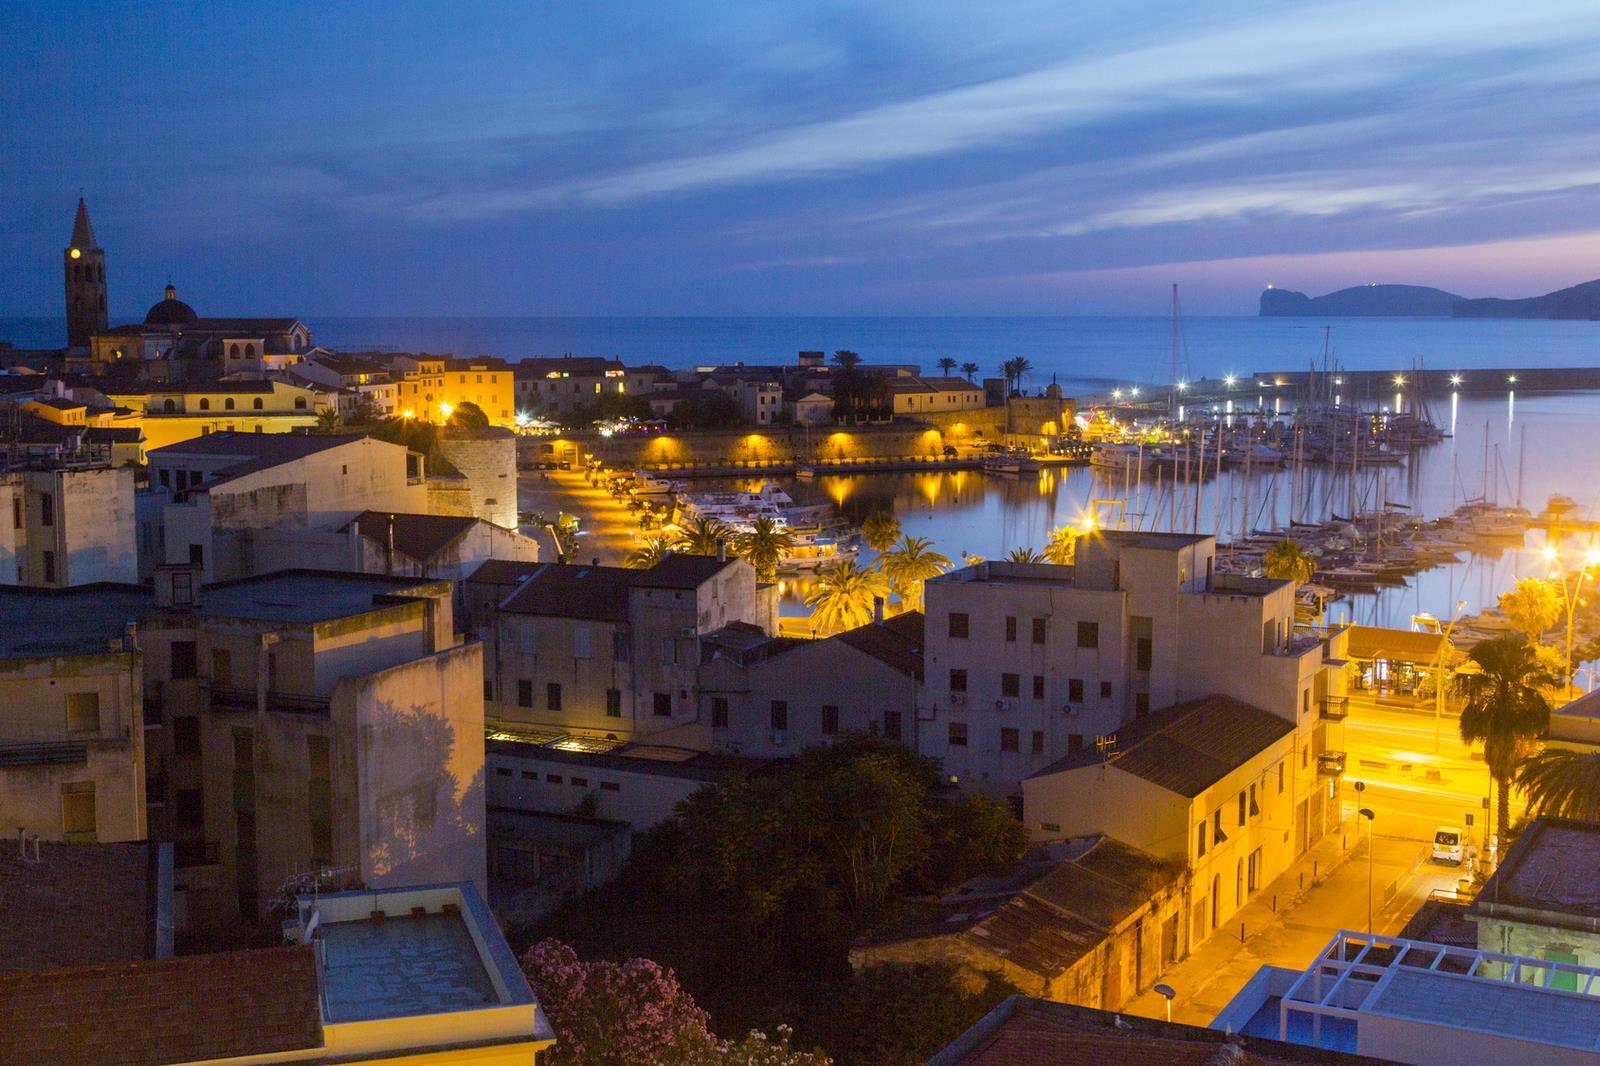 Location  Alghero